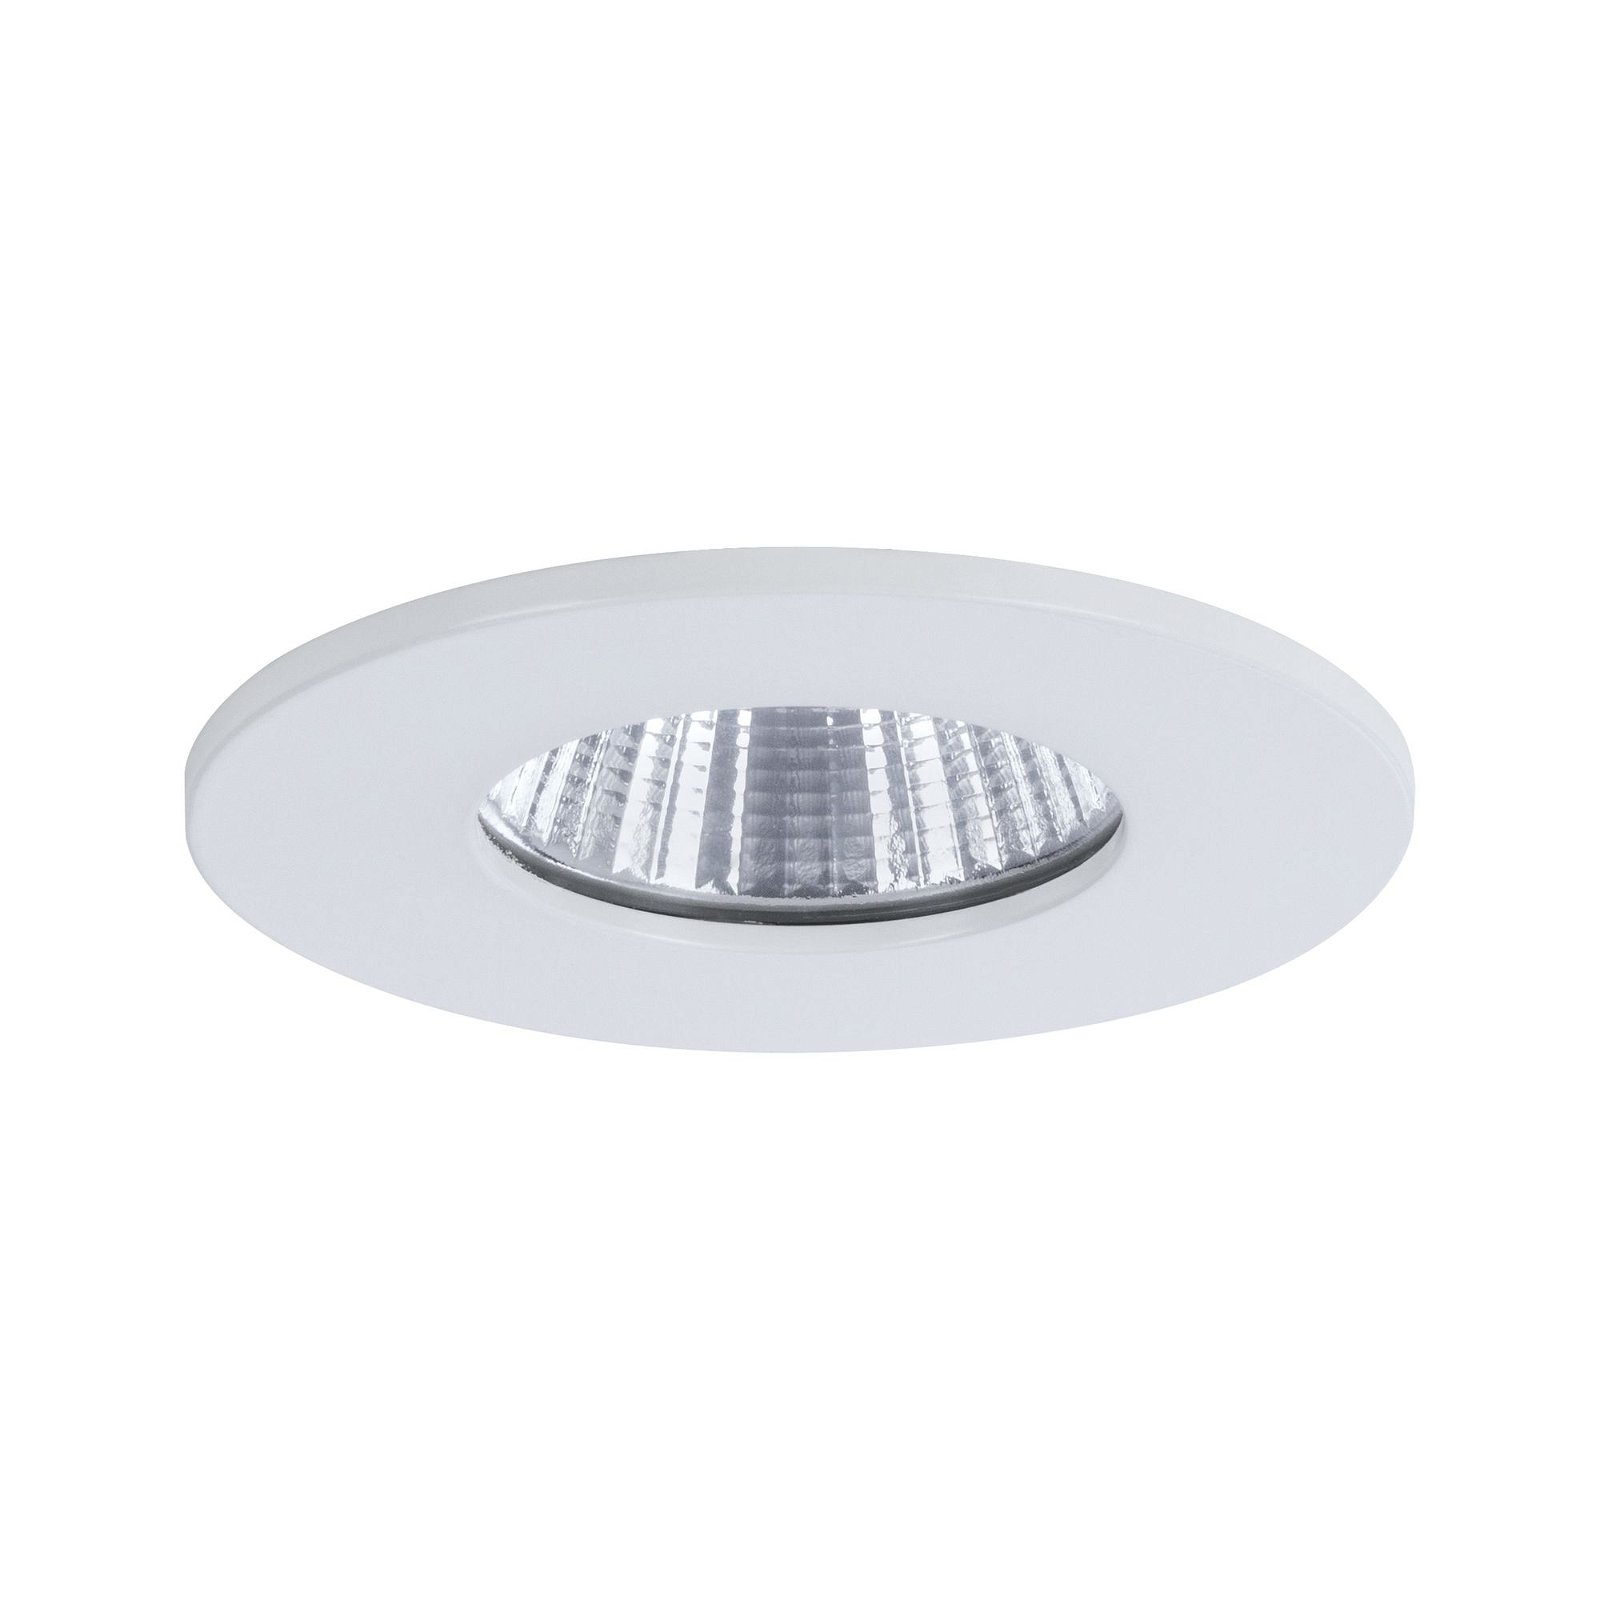 HomeSpa LED Einbauleuchte Calla starr IP65 rund 80mm 7W 770lm 230V 4000K Weiß matt